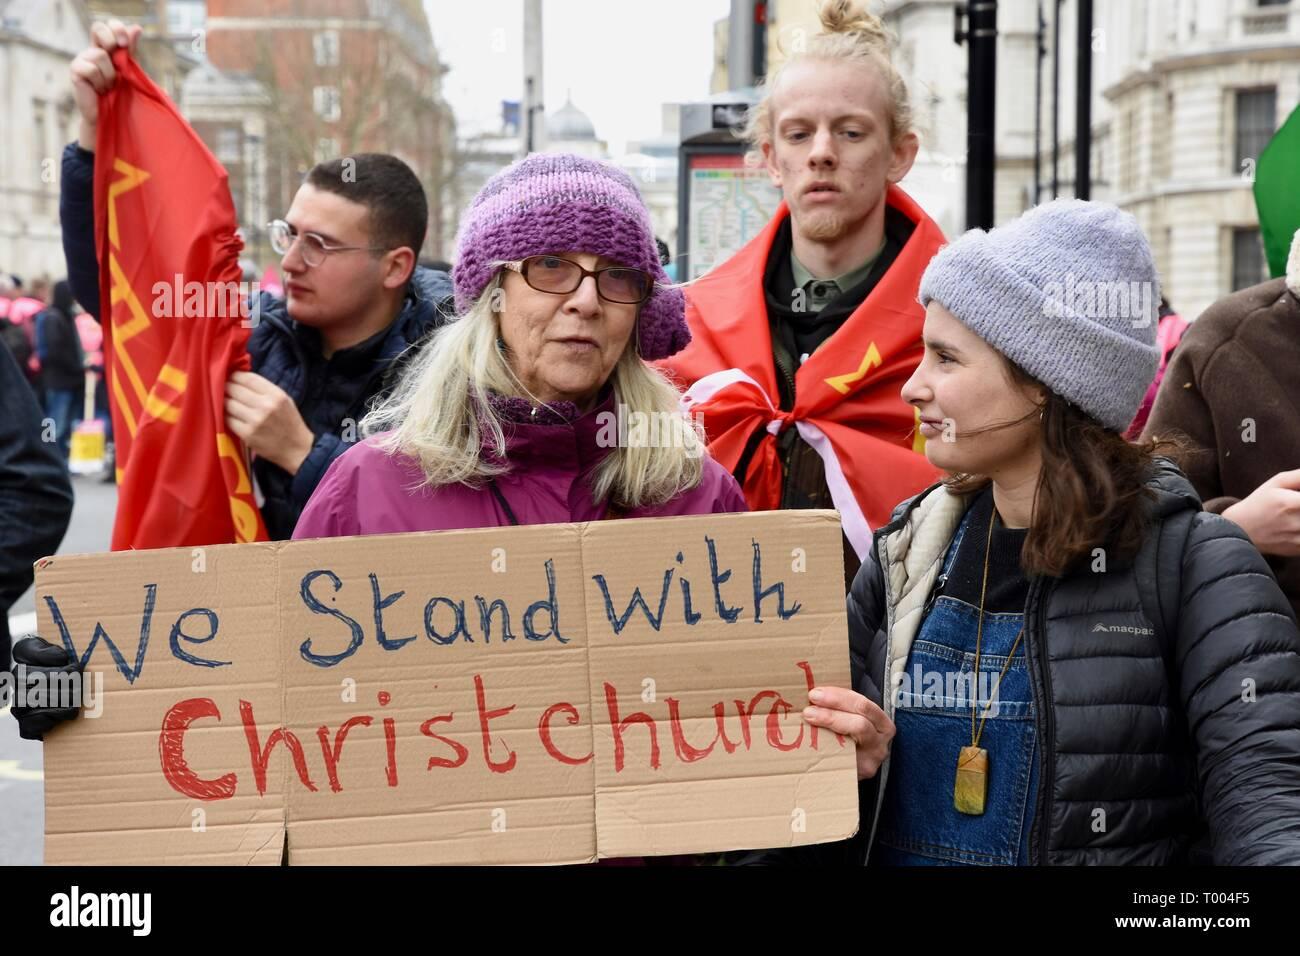 16 mars 2019. Une femme est titulaire d'une plaque pour montrer sa sympathie pour les victimes de l'attaque terroriste sur deux mosquées en Nouvelle-Zélande.UN JOUR,à la lutte contre le racisme, de démonstration,Whitehall London.UK Photo Stock